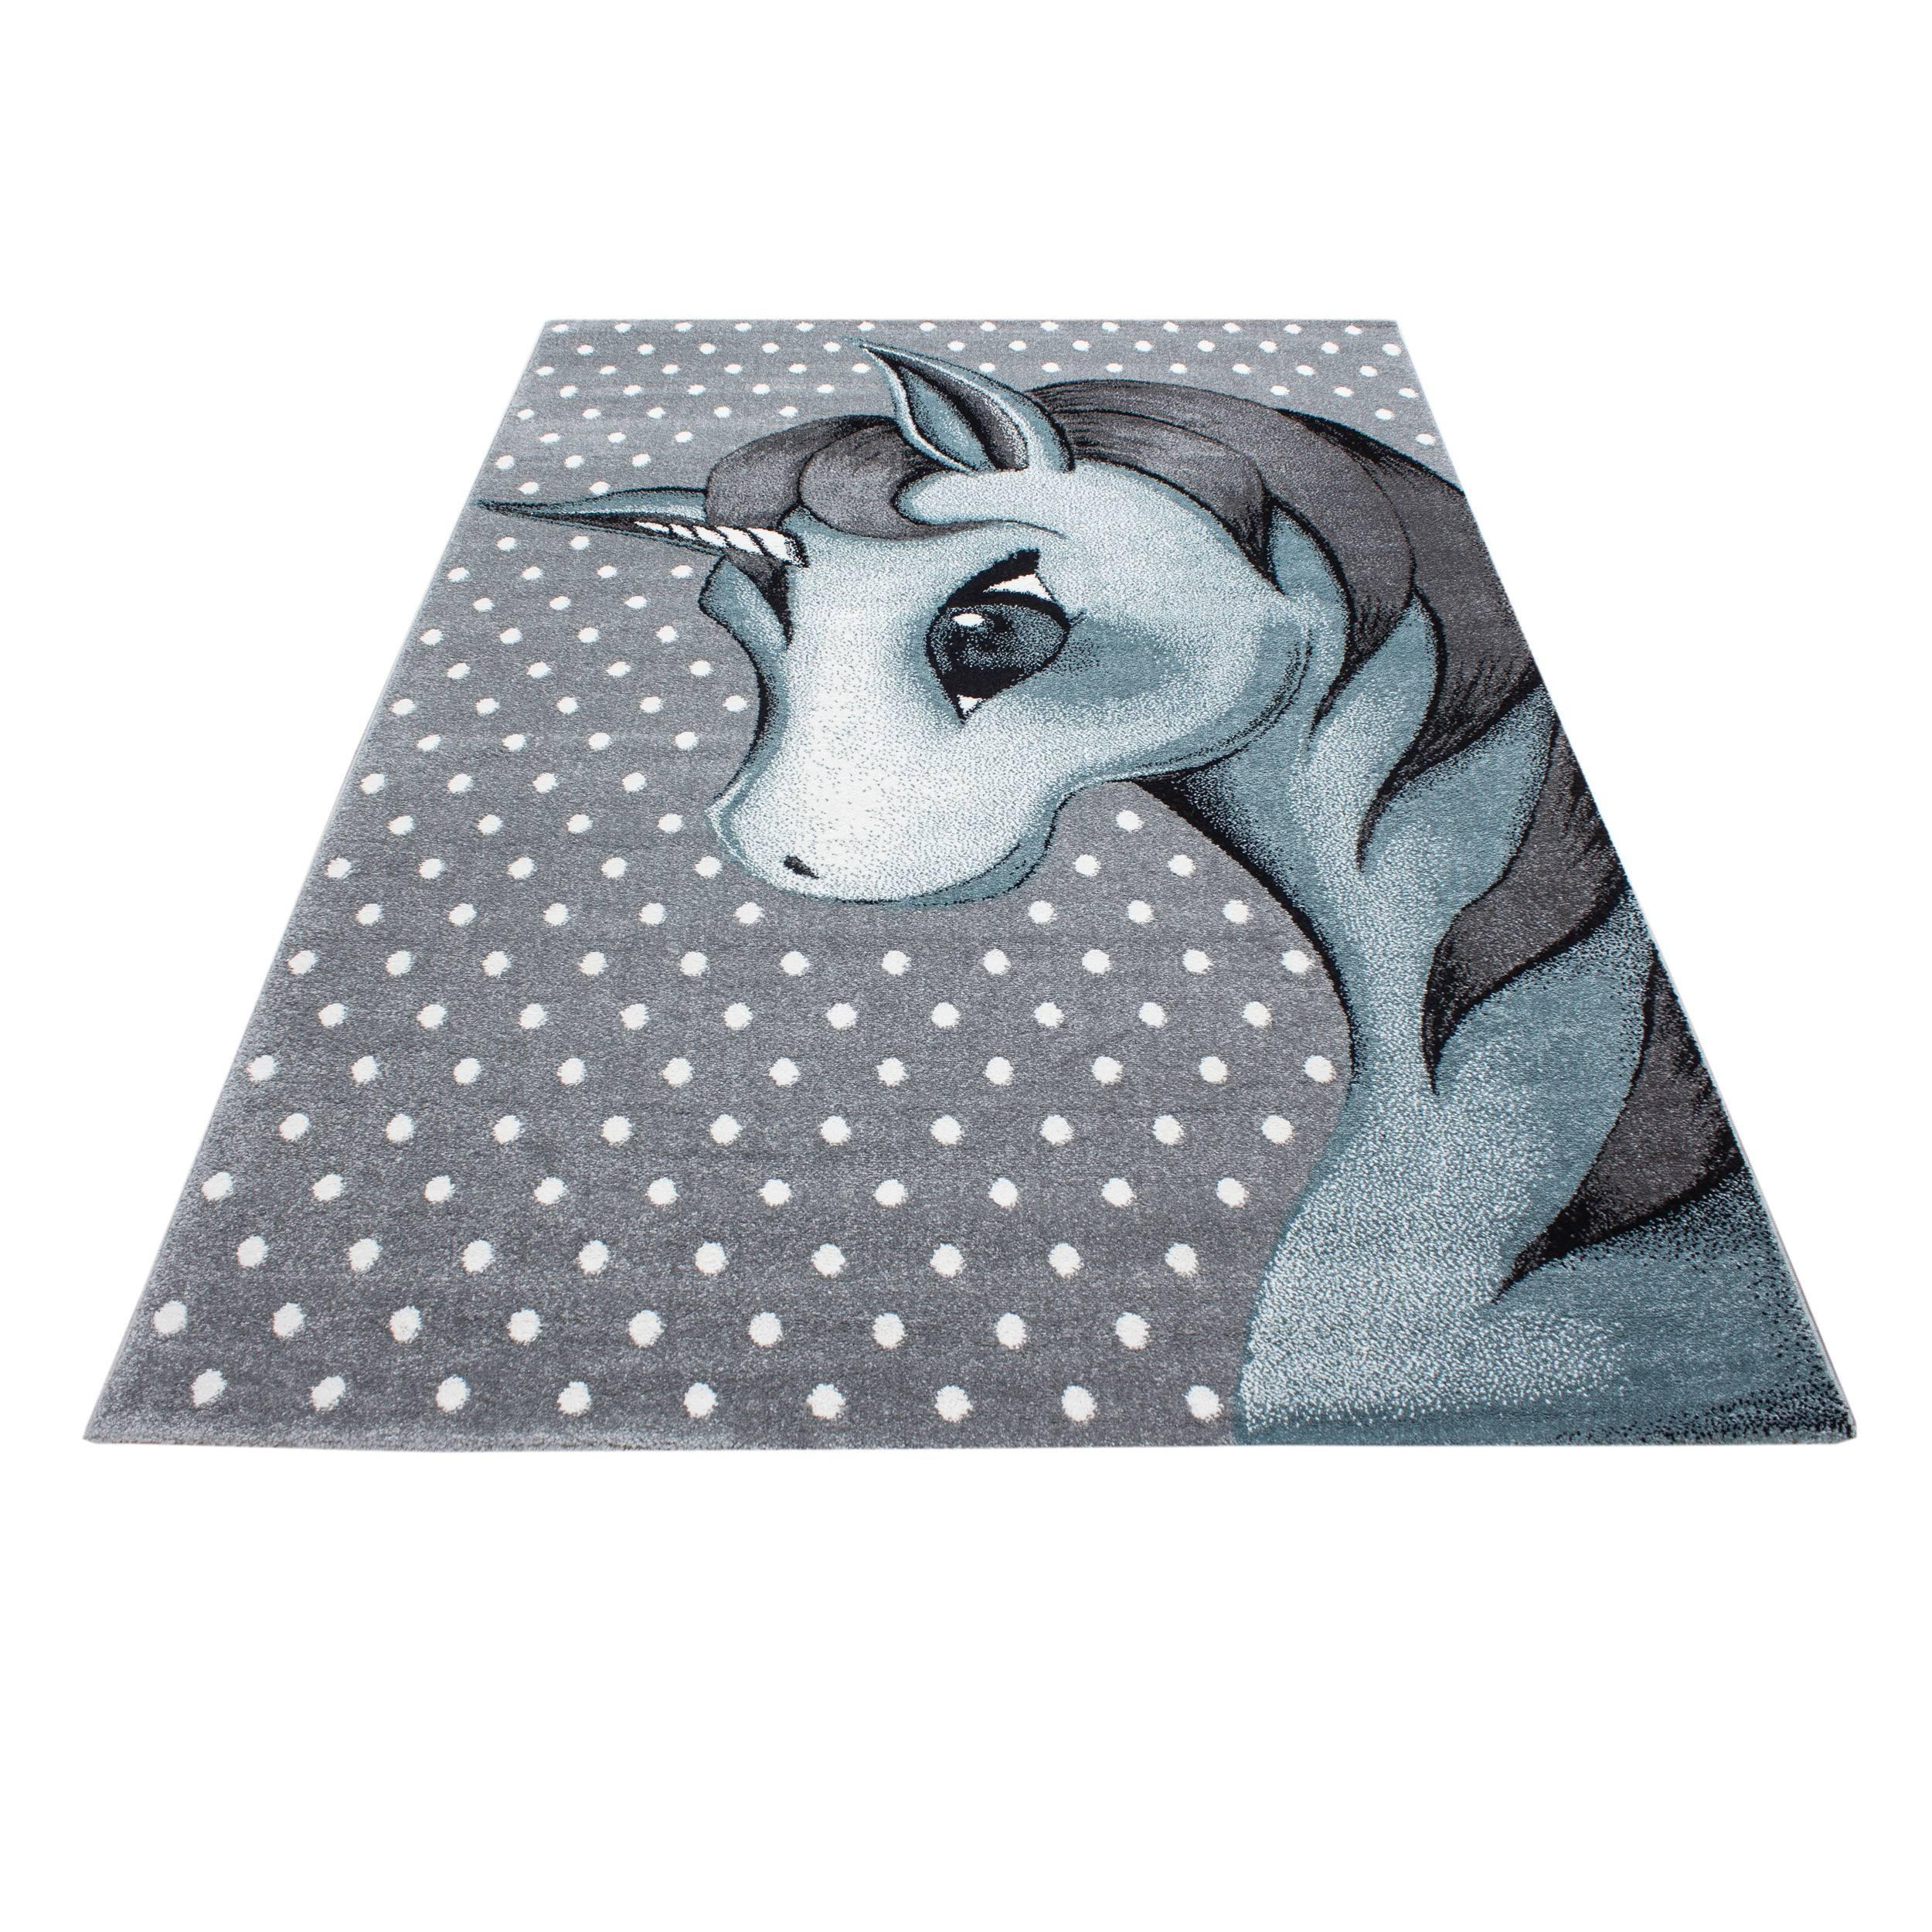 Zimmer Grau Blau: Kinderteppich Kinderzimmer Teppich Einhorn Muster Grau